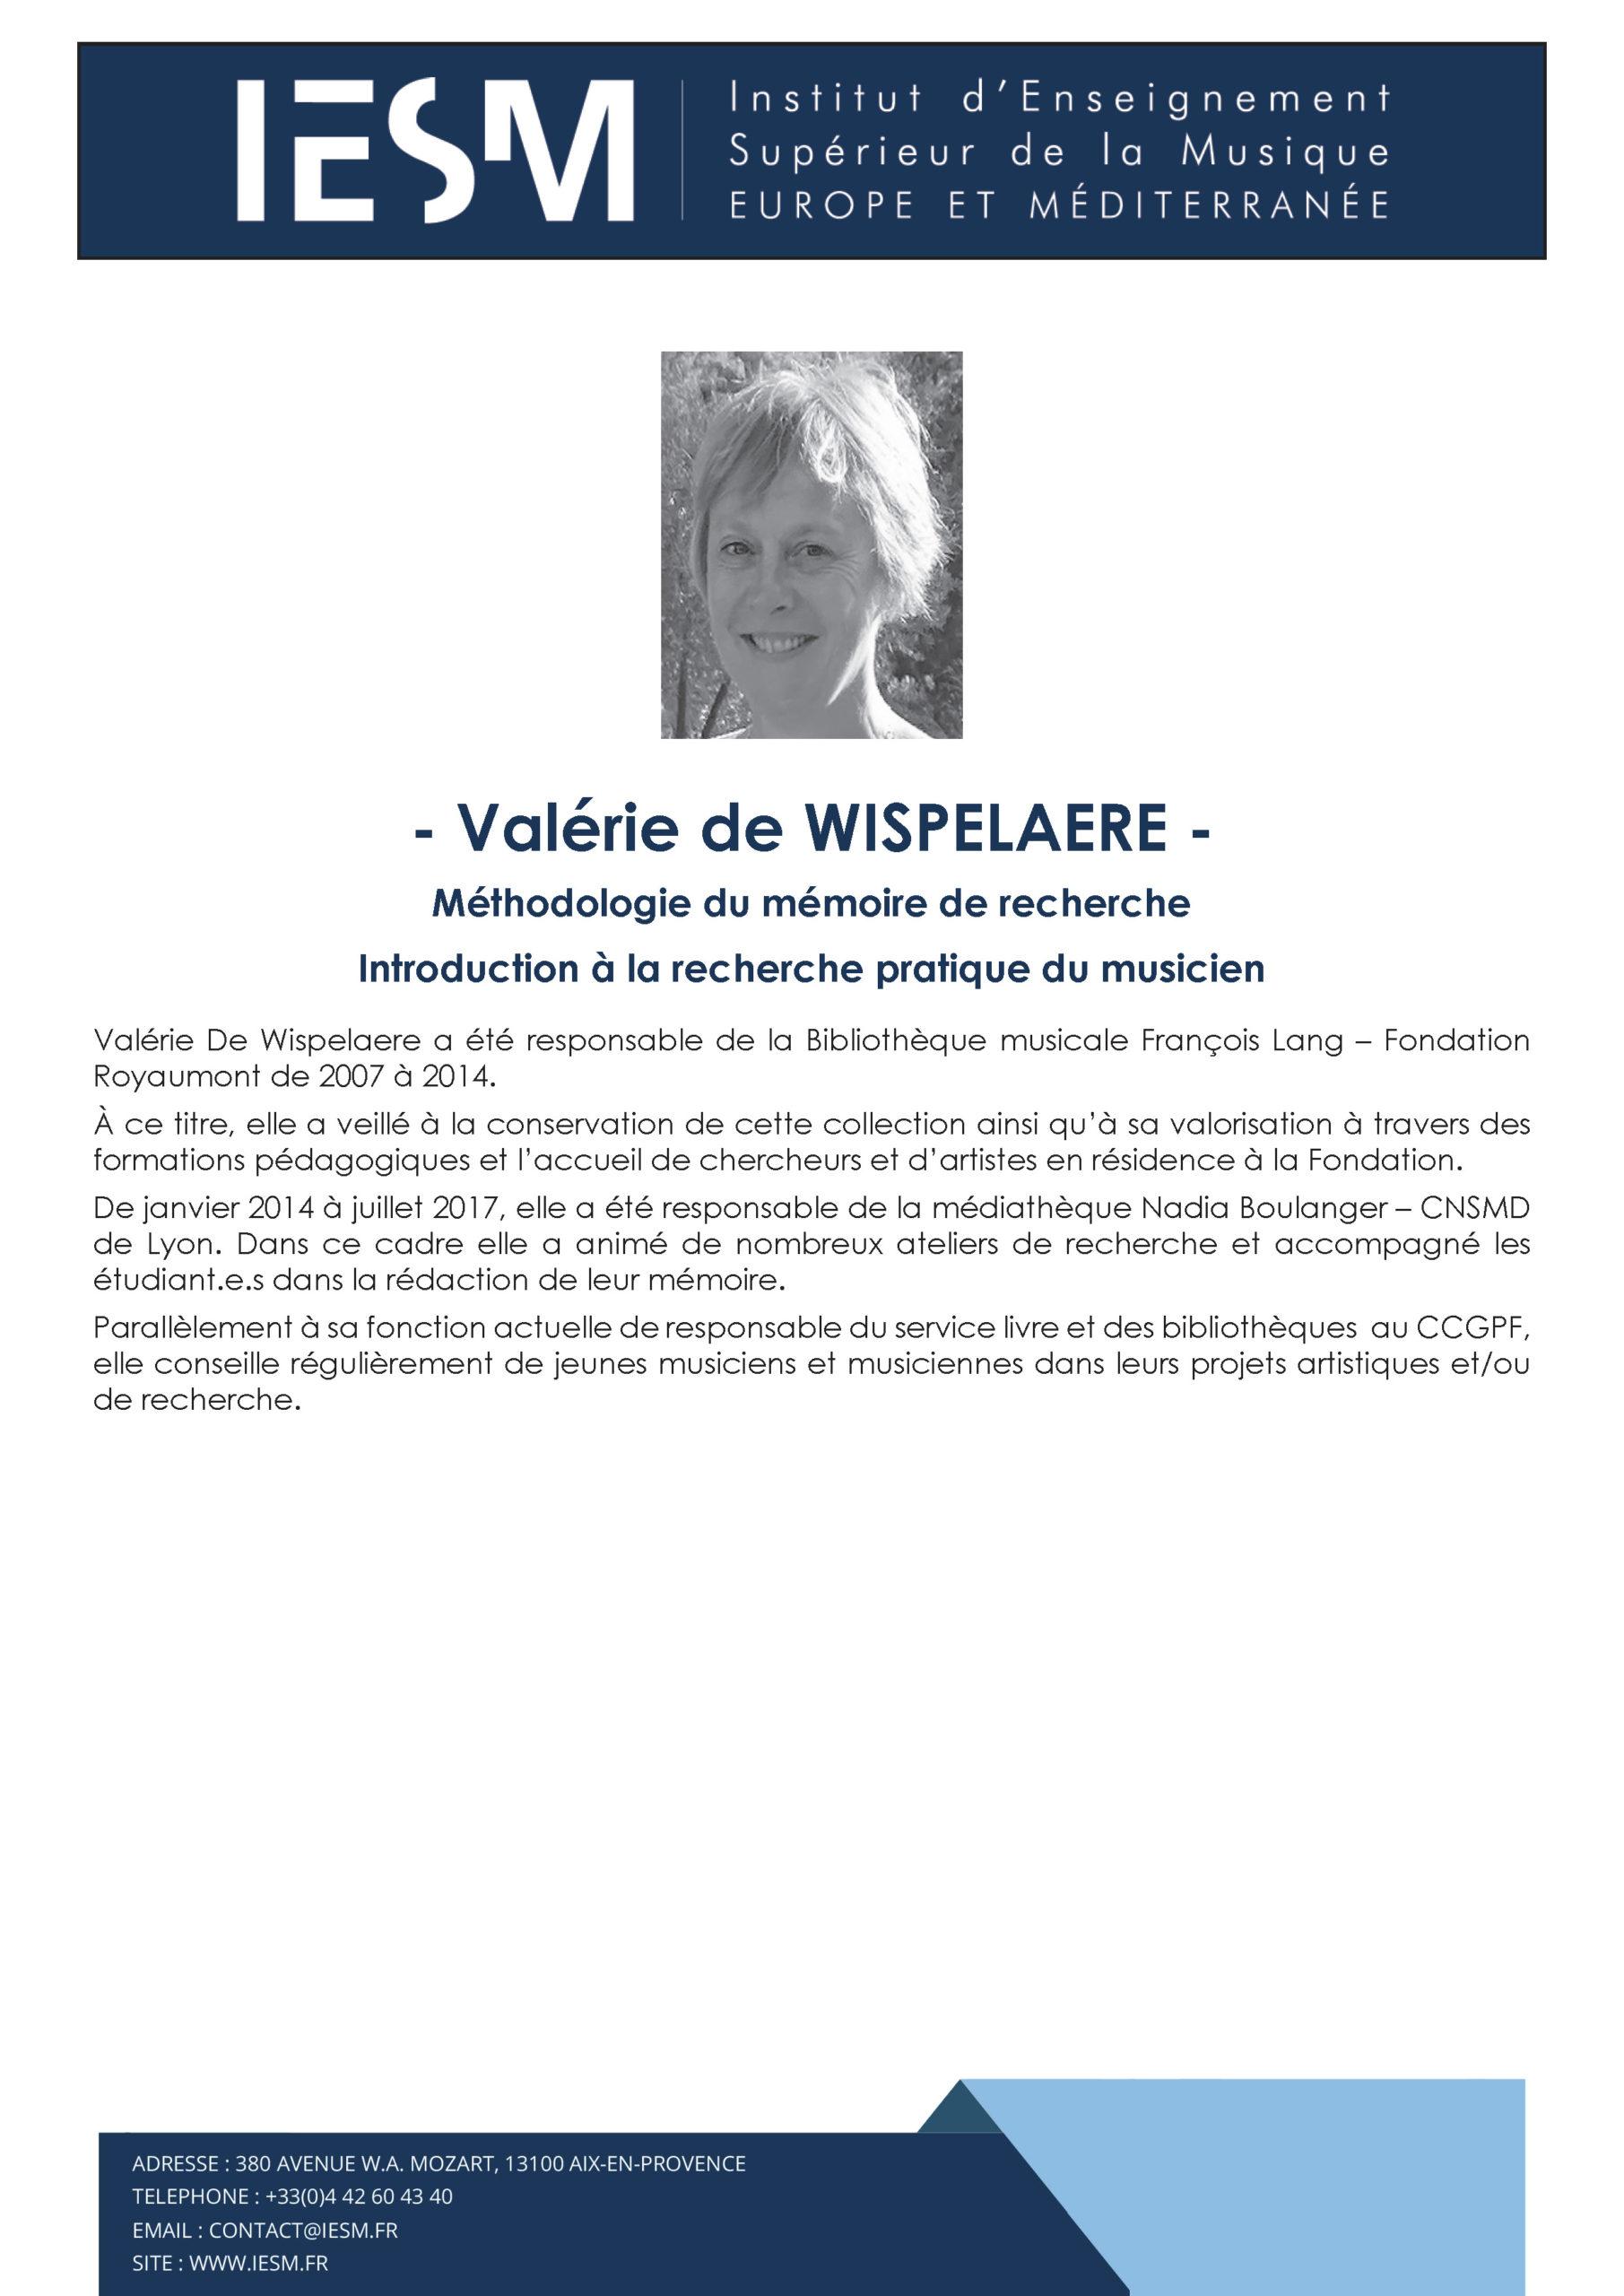 DE WISPELAERE Valérie scaled